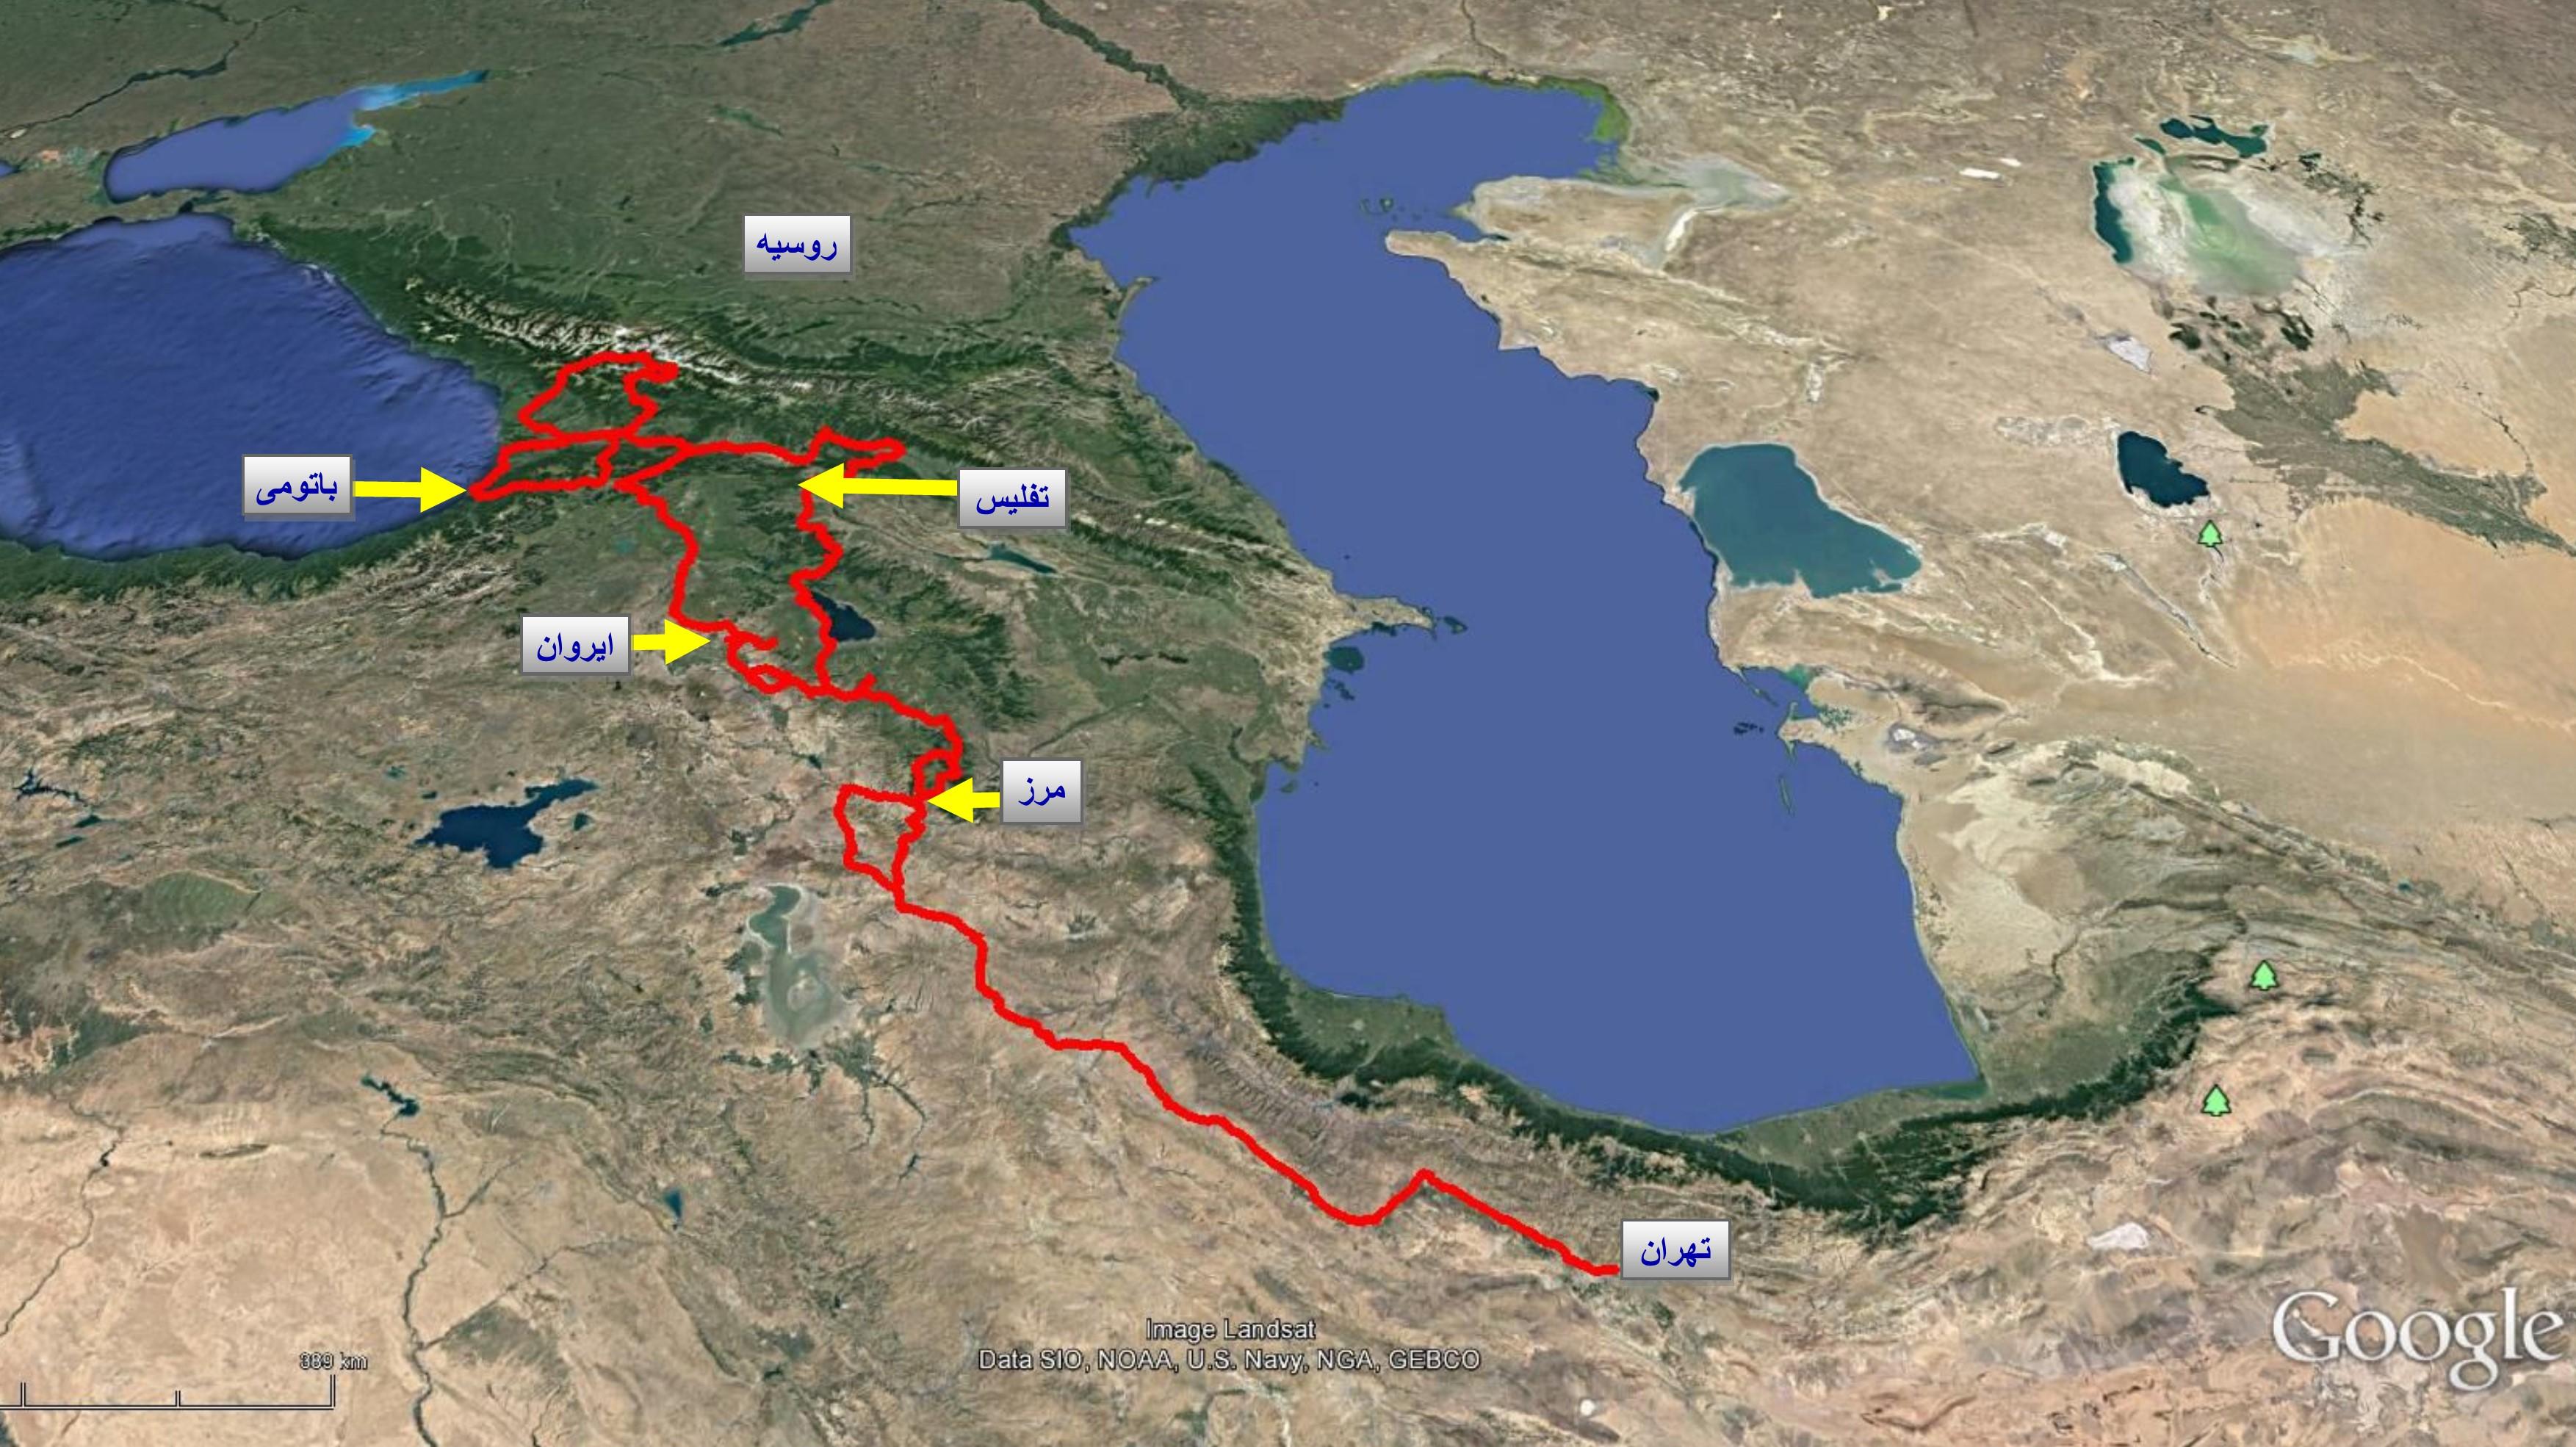 بخش پایانی سفرنامه ما به ارمنستان و گرجستان – تابستان ۱۳۹۵